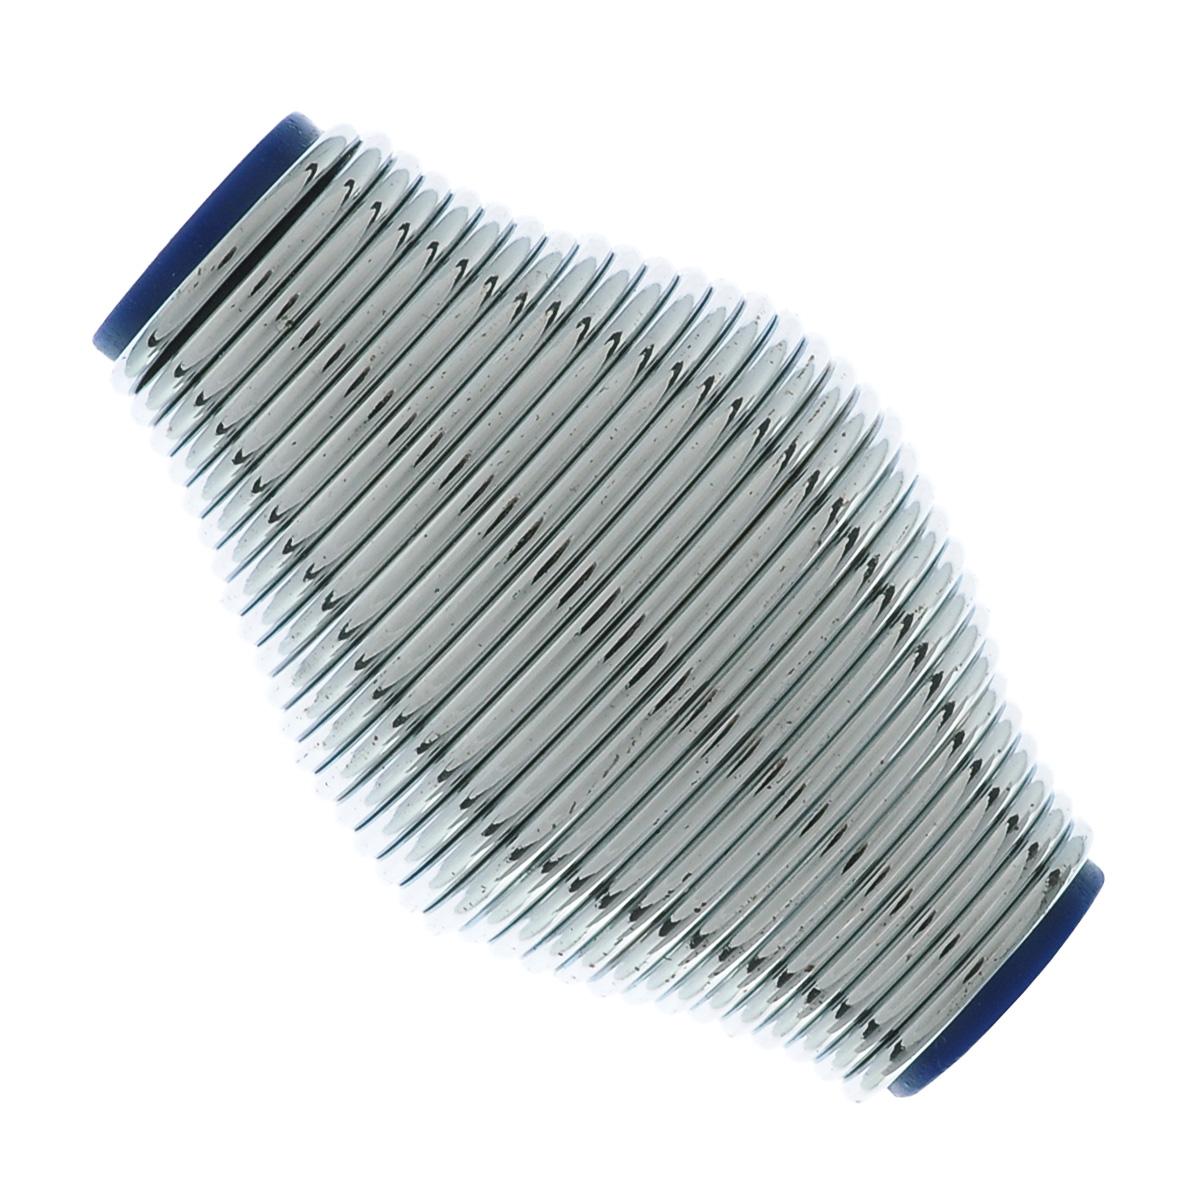 Эспандер кистевой Lite Weights, цвет: серебристыйRJ0207AКистевой эспандер Lite Weights, выполненный из стали и ПВХ в виде пружины, предназначен для тренировки и укрепления кистевых мышц и запястий. Эспандеры - небольшие спортивные снаряды, с помощью которых можно развивать разные группы мышц. Их главное преимущество перед всем спортивным инвентарем - это компактность. Принцип занятий с эспандером заключается в применении силы против его эластичности или упругости. Кистевой эспандер улучшает кровообращение, способствует развитию и укреплению суставов и сухожилий в области кистей рук. Эспандер компактен и удобен в хранении. Его можно использовать в любом месте, в любое время. Необычный дизайн и форма эспандера сделают ваши тренировки еще более приятными. Размер эспандера: 8,5 см х 5 см х 5 см.